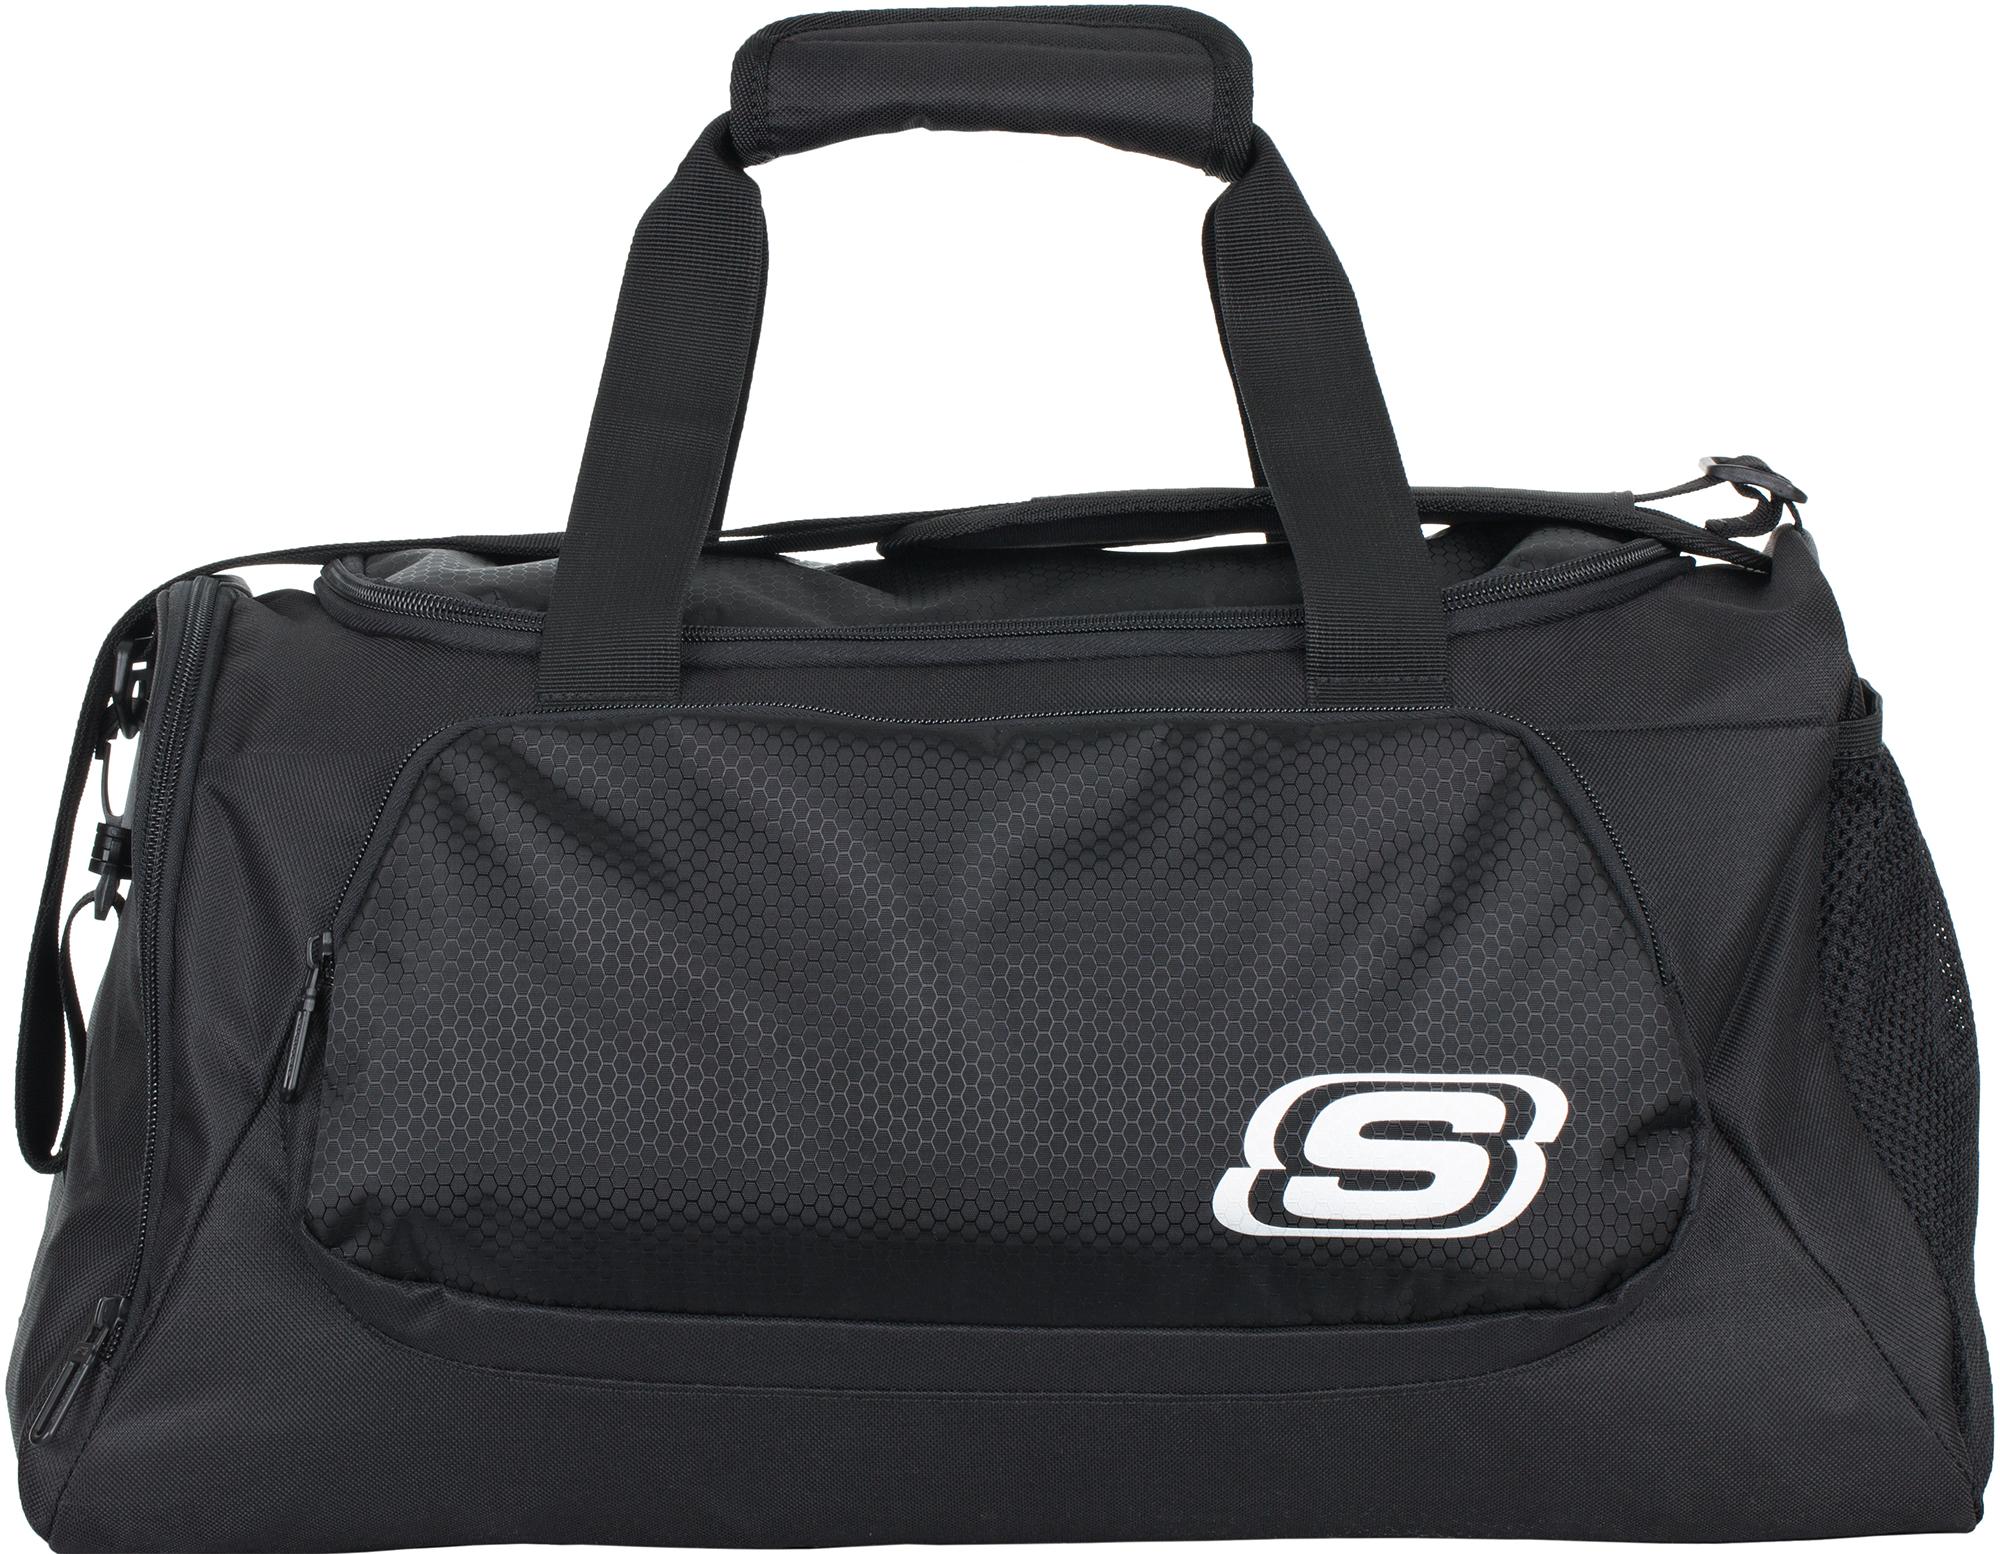 4b4e6462 Вместительная спортивная сумка от skechers. Помимо основного отделения на  молнии в модели предусмотрены специальное отделение для обуви и боковой  карман из ...